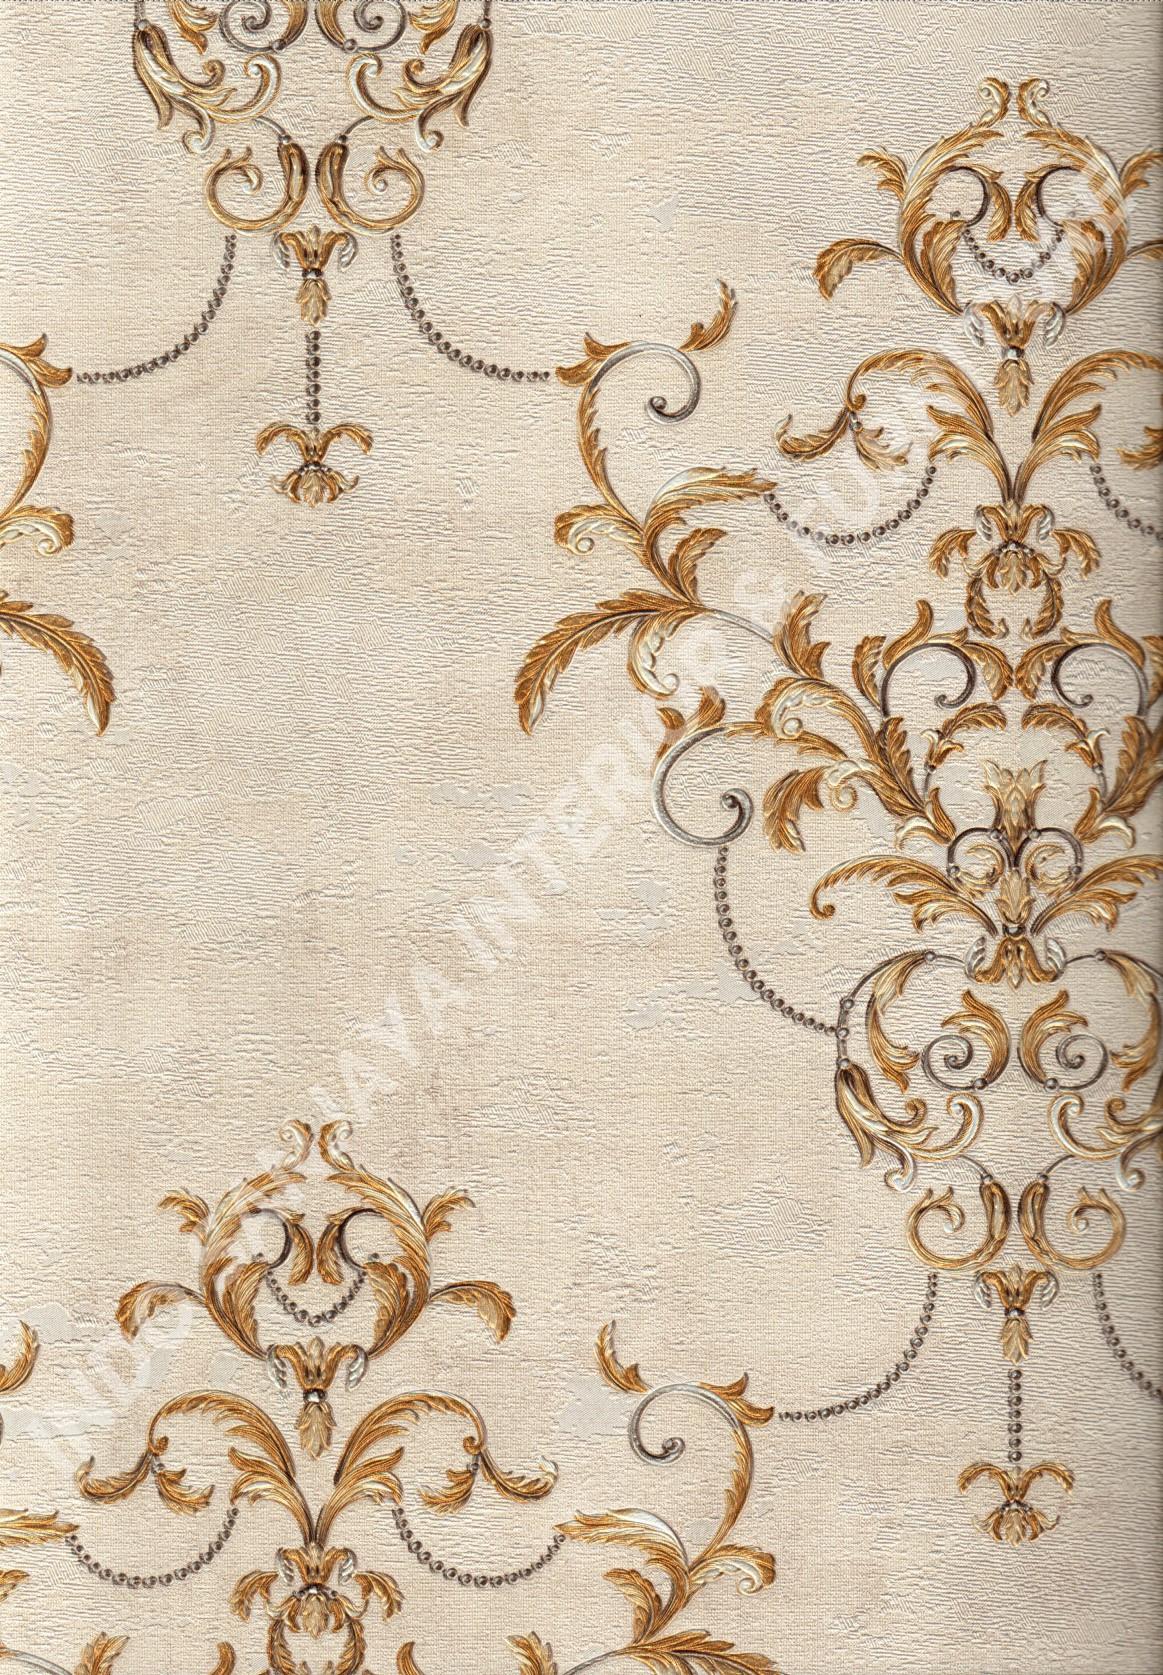 wallpaper   Wallpaper Klasik Batik (Damask) 5006-2:5006-2 corak  warna